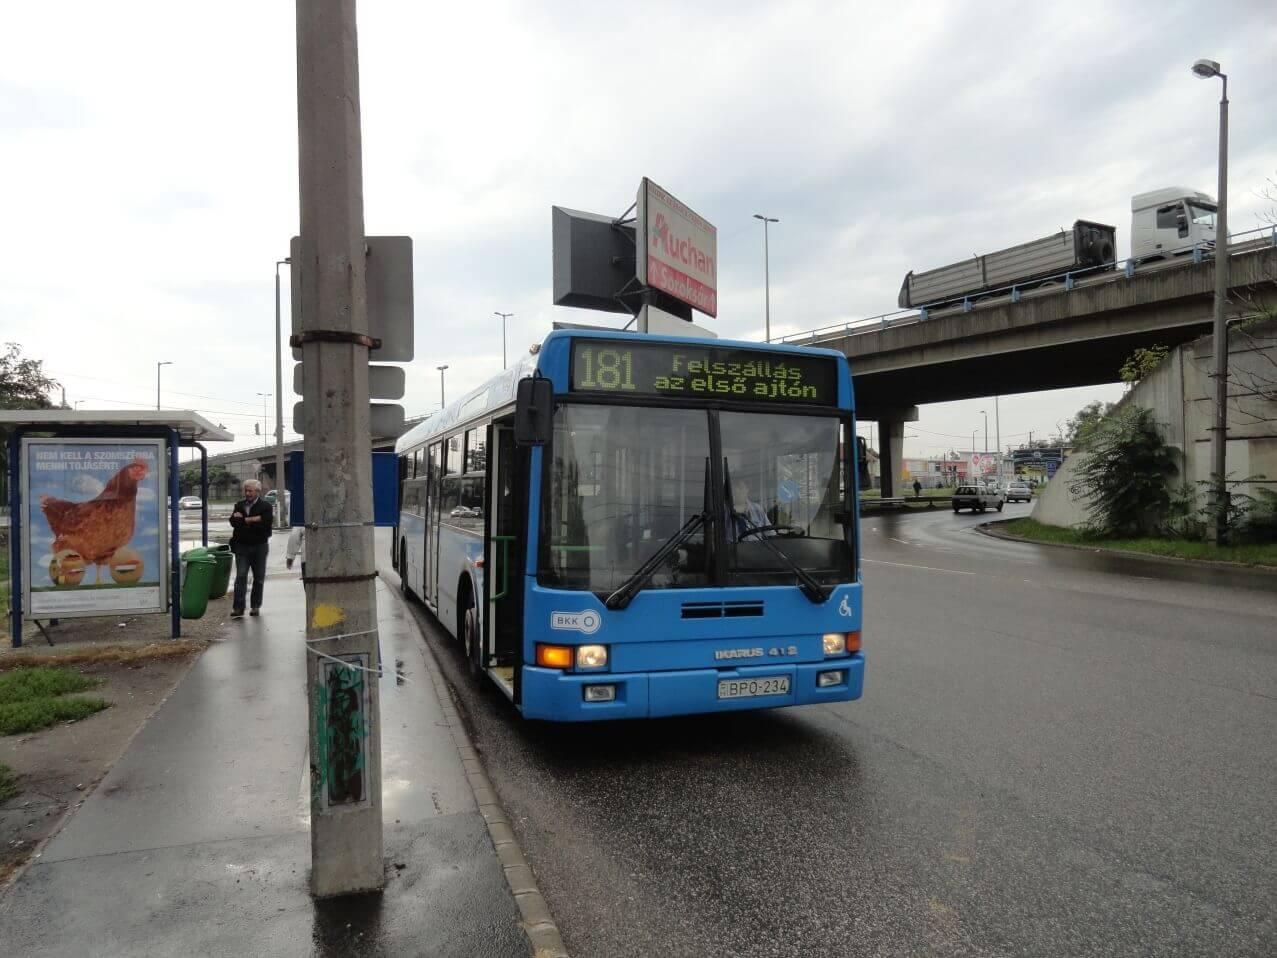 181 -es busz /Fotó: Szána Iván/